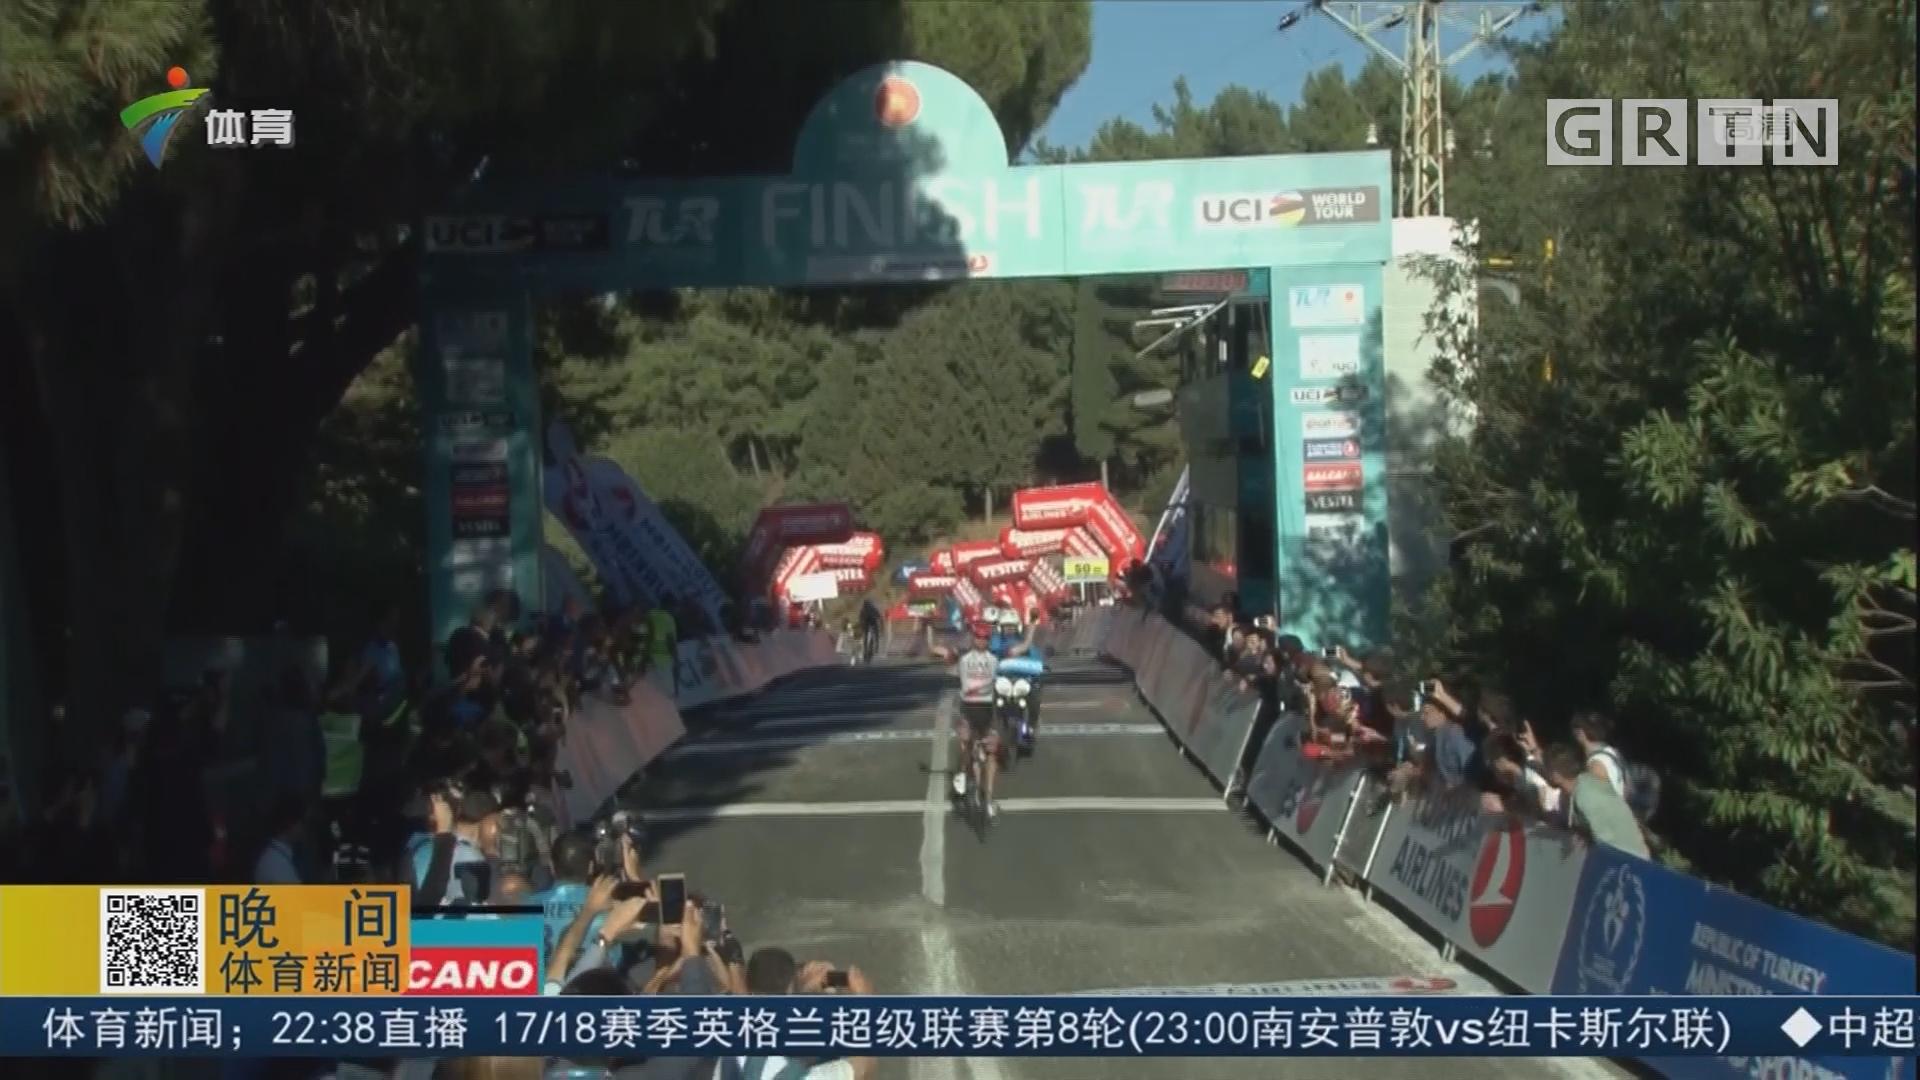 环土耳其赛第四赛段 意大利车手夺冠